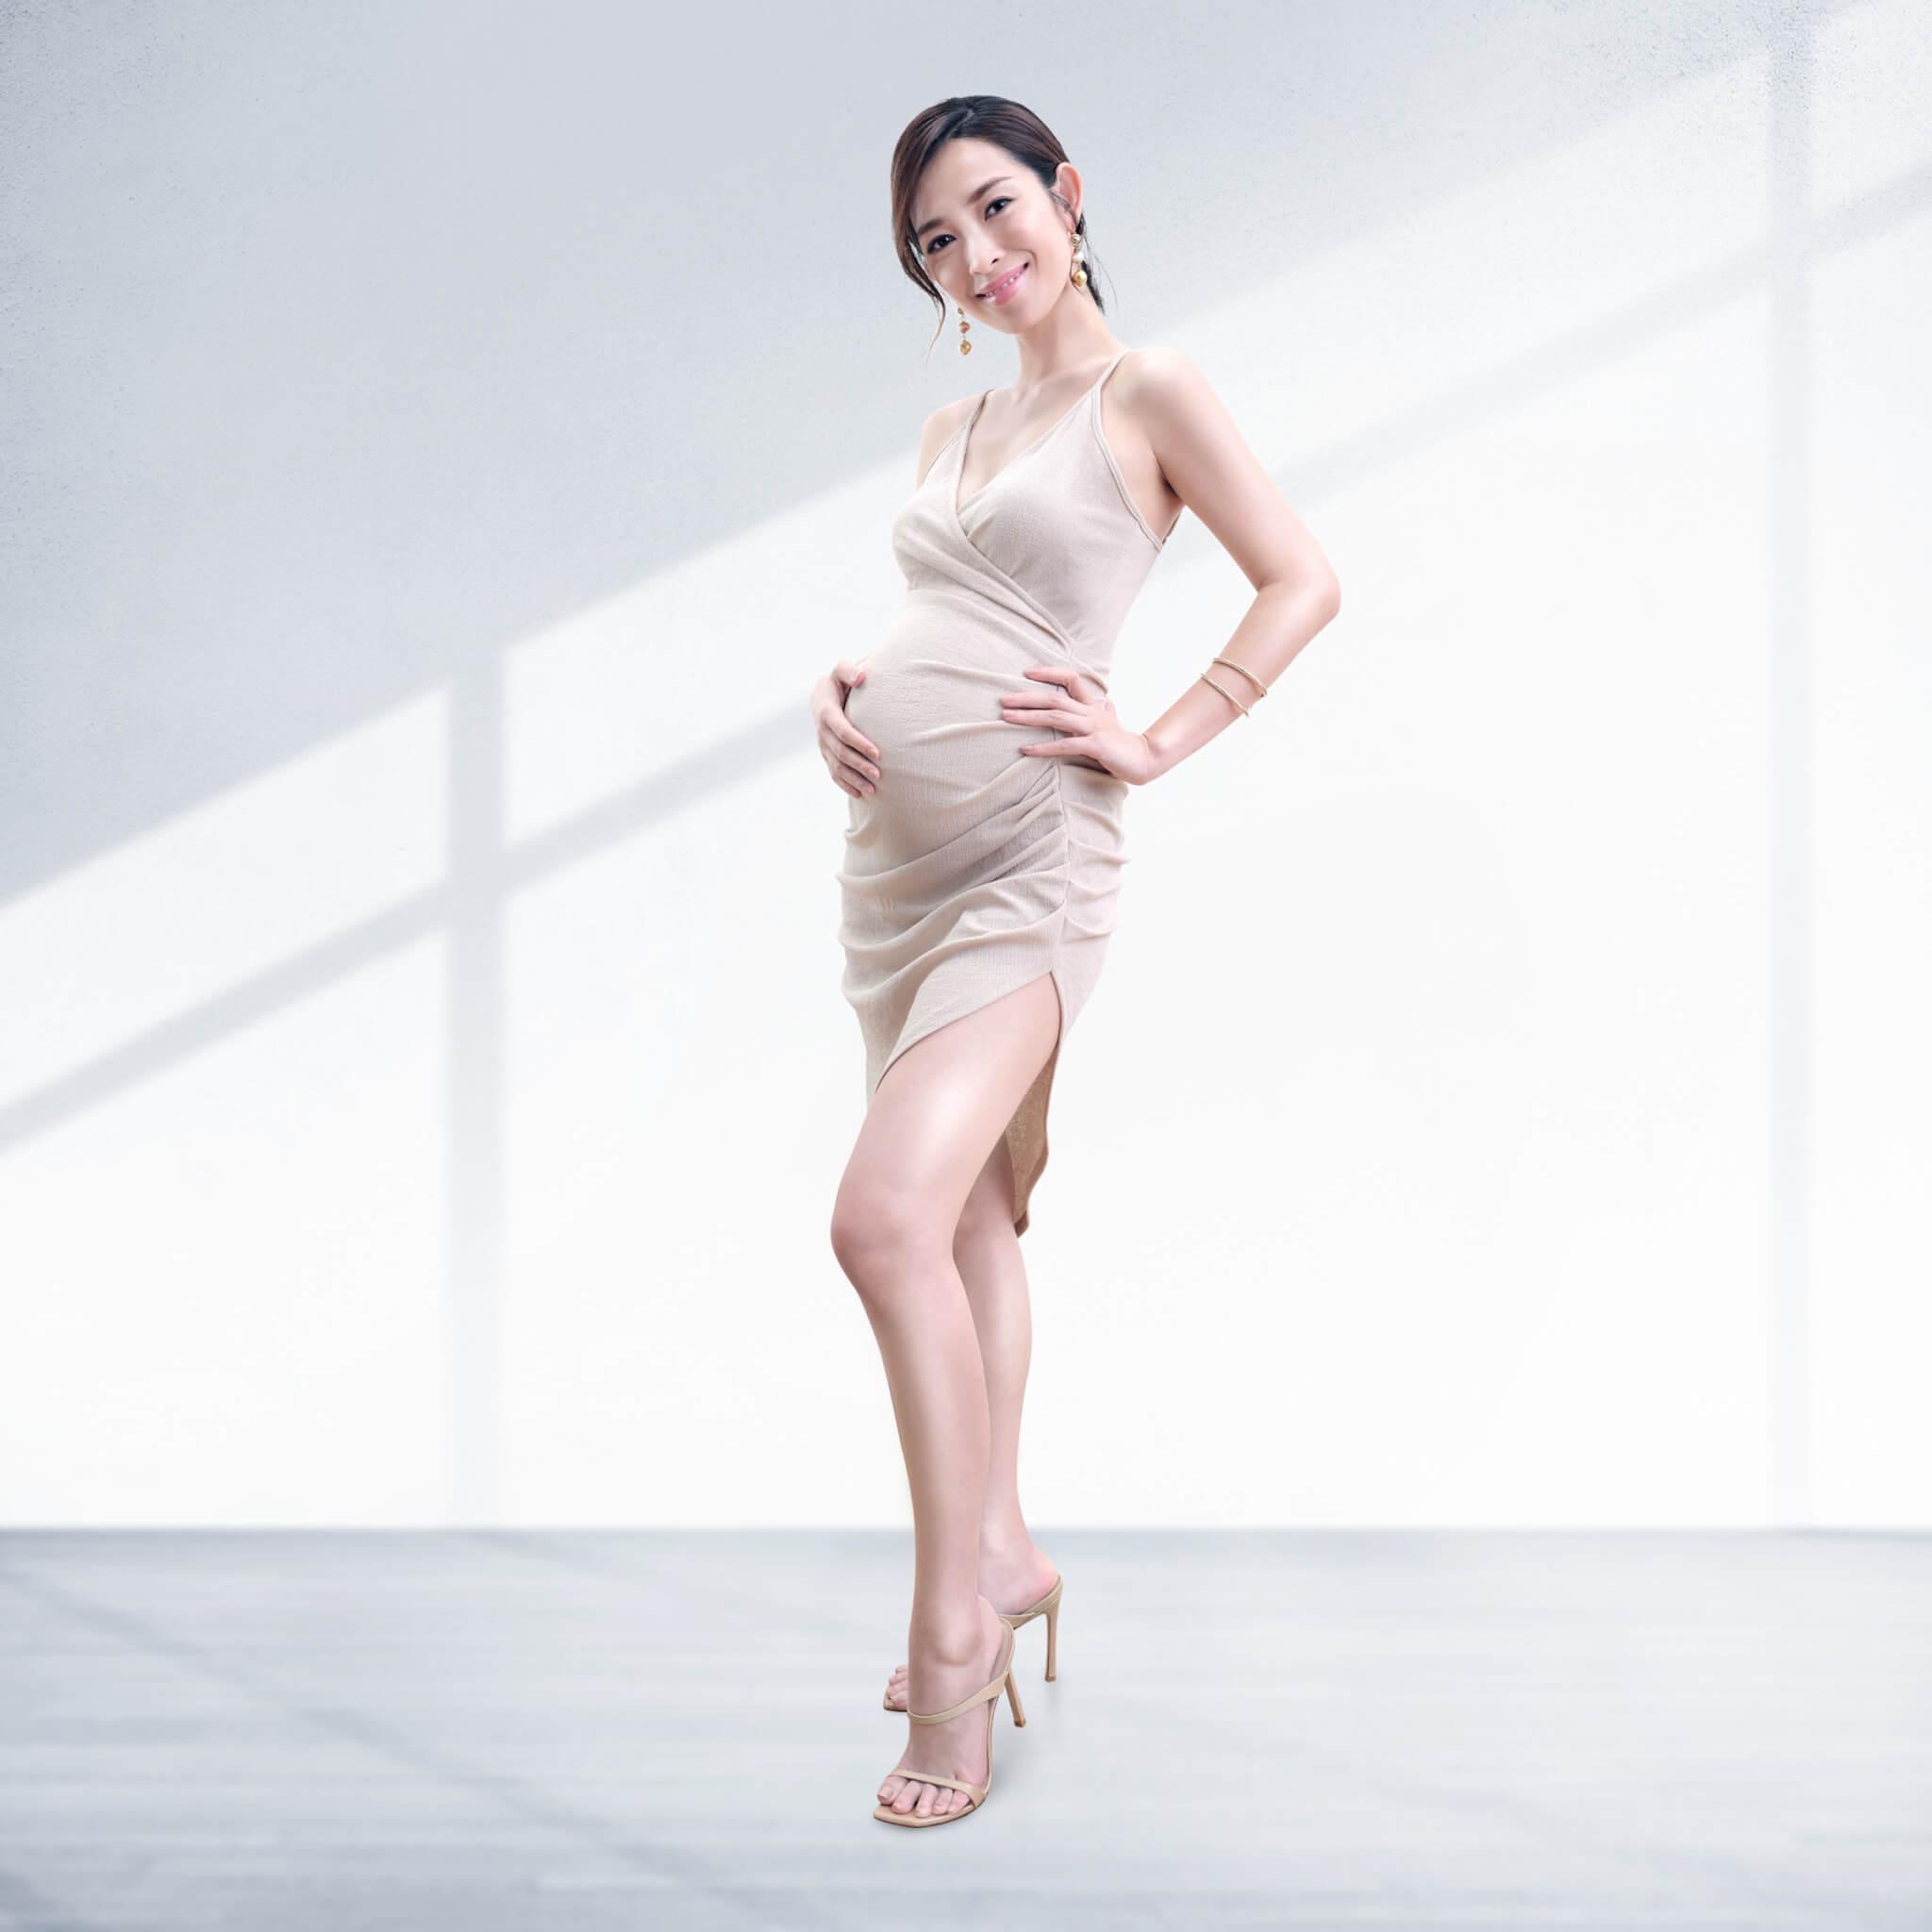 自三月宣布懷了第二胎之後,她已接了三個廣告,大讚BB相當旺財。